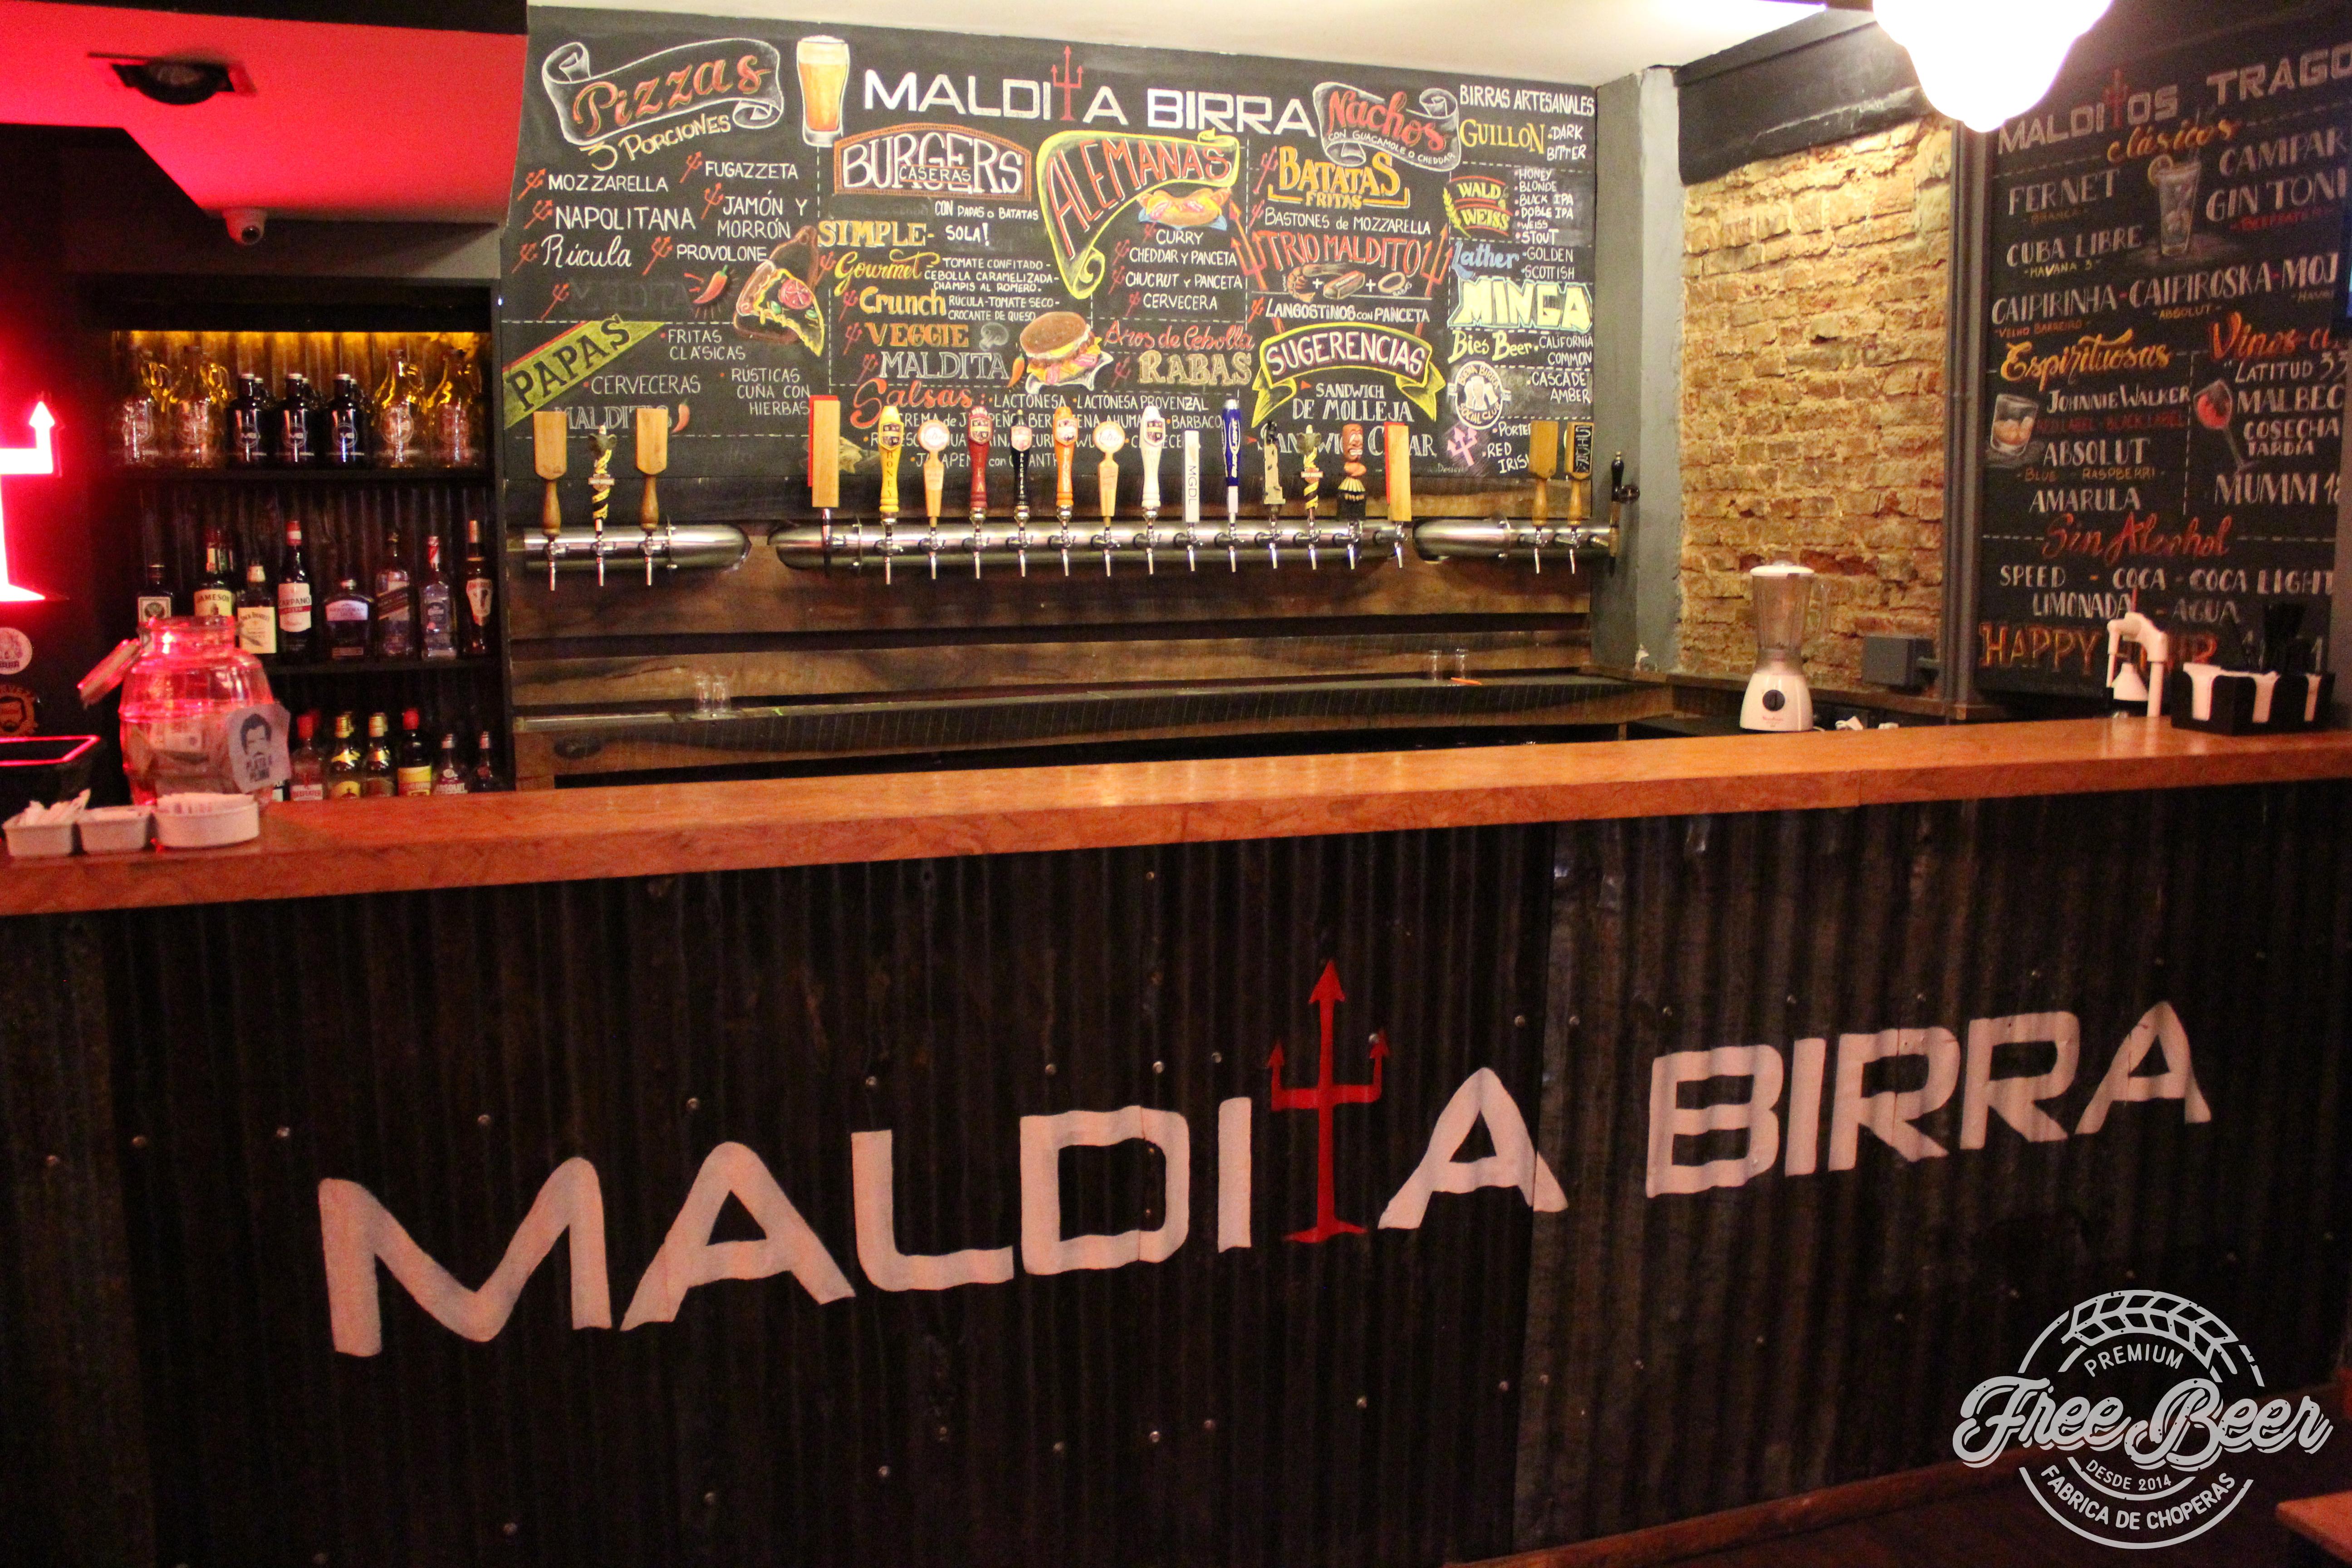 MALDITA BIRRA